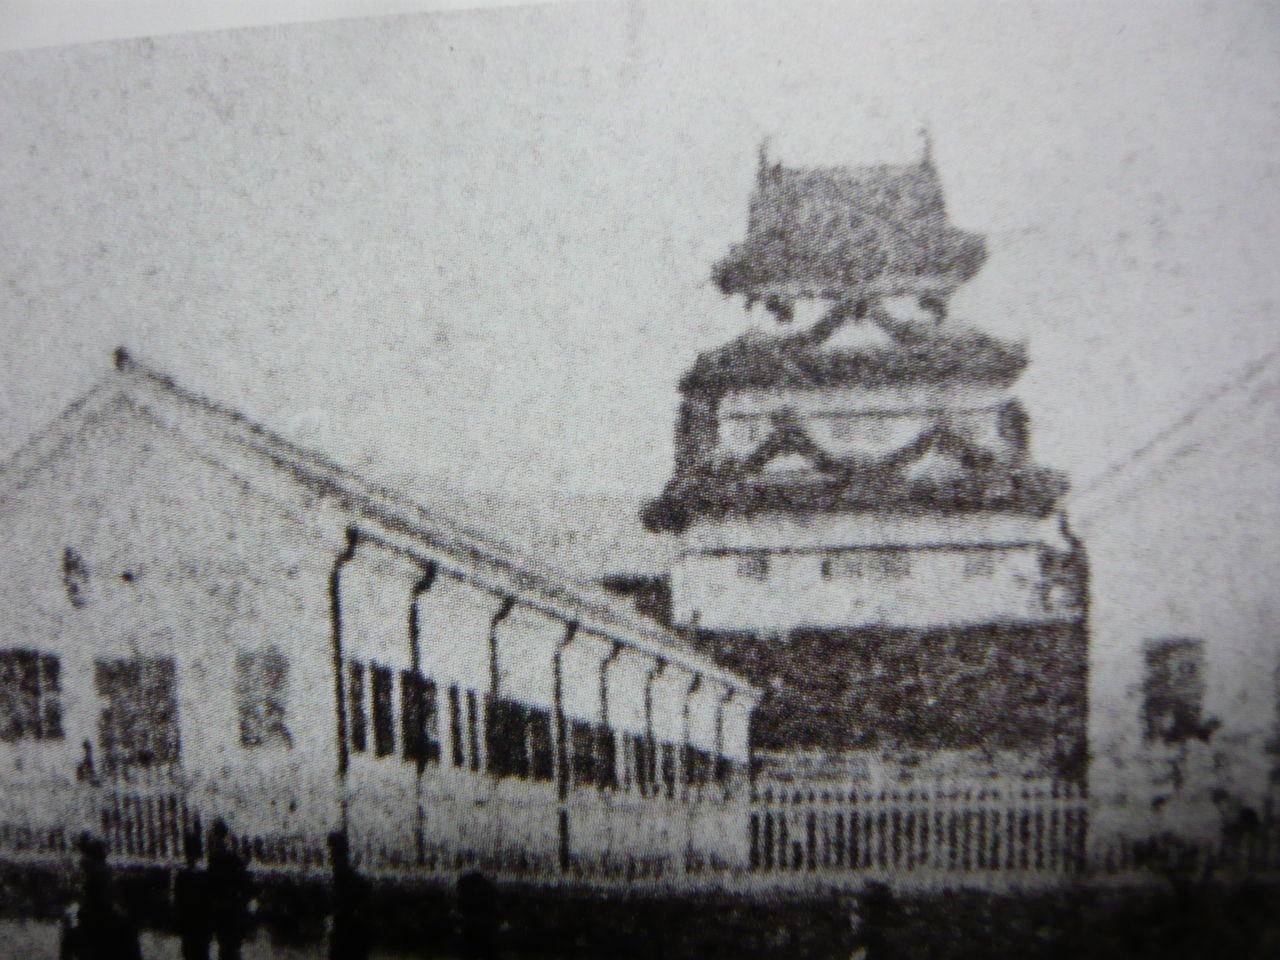 高崎城 : 城とか陵墓とか